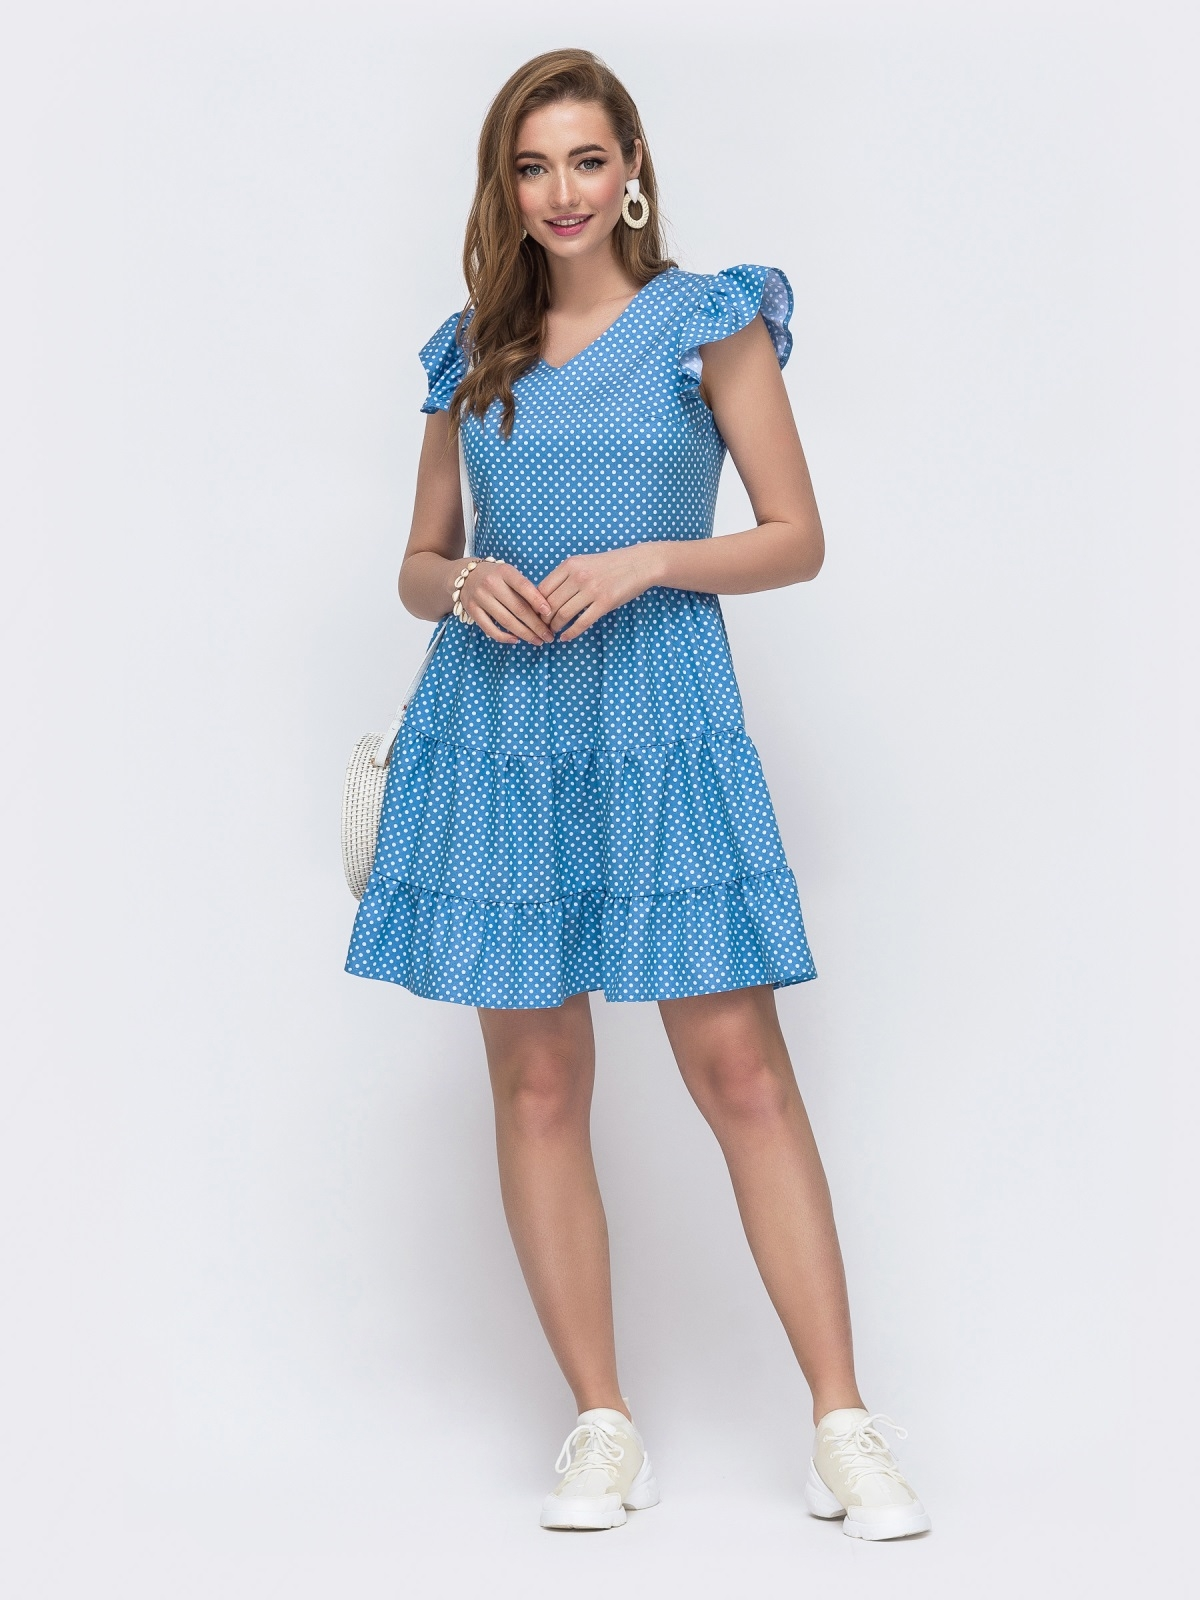 Джинсовое платье в горошек с расклешенной юбкой голубое 48590, фото 1